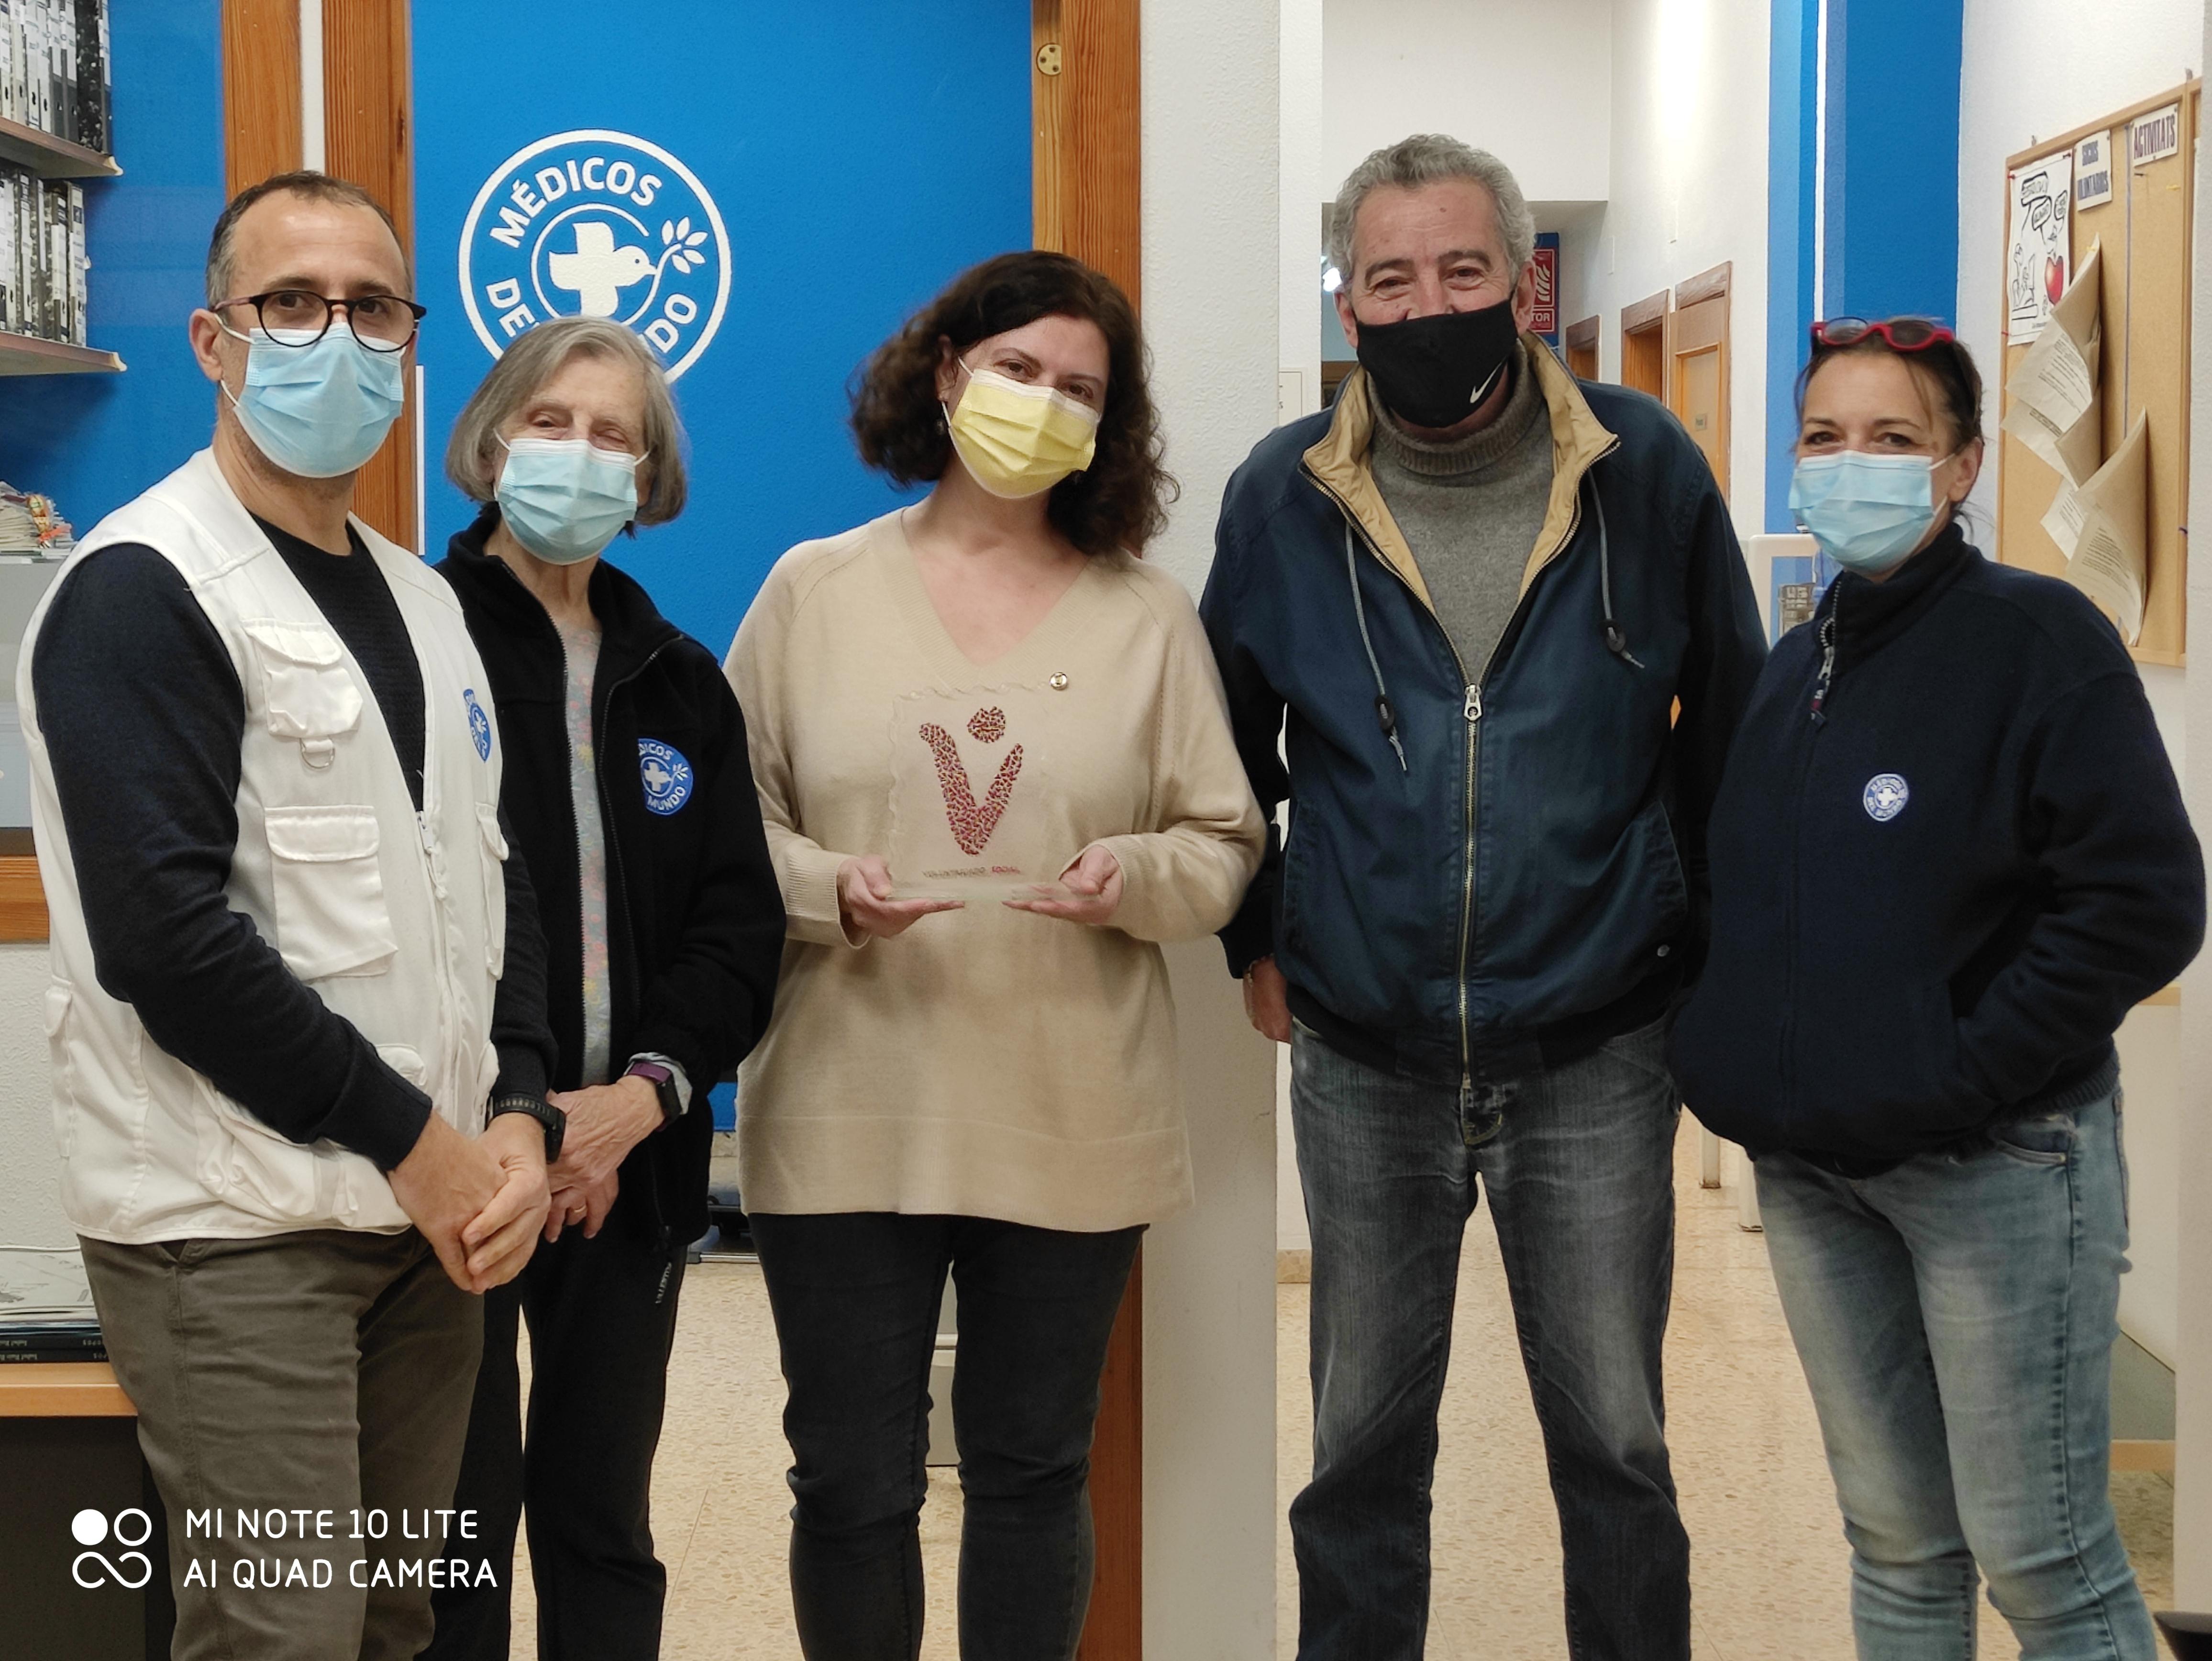 El voluntariado de la Comunidad Valenciana recibe el Premio en la categoría de Voluntariado Social